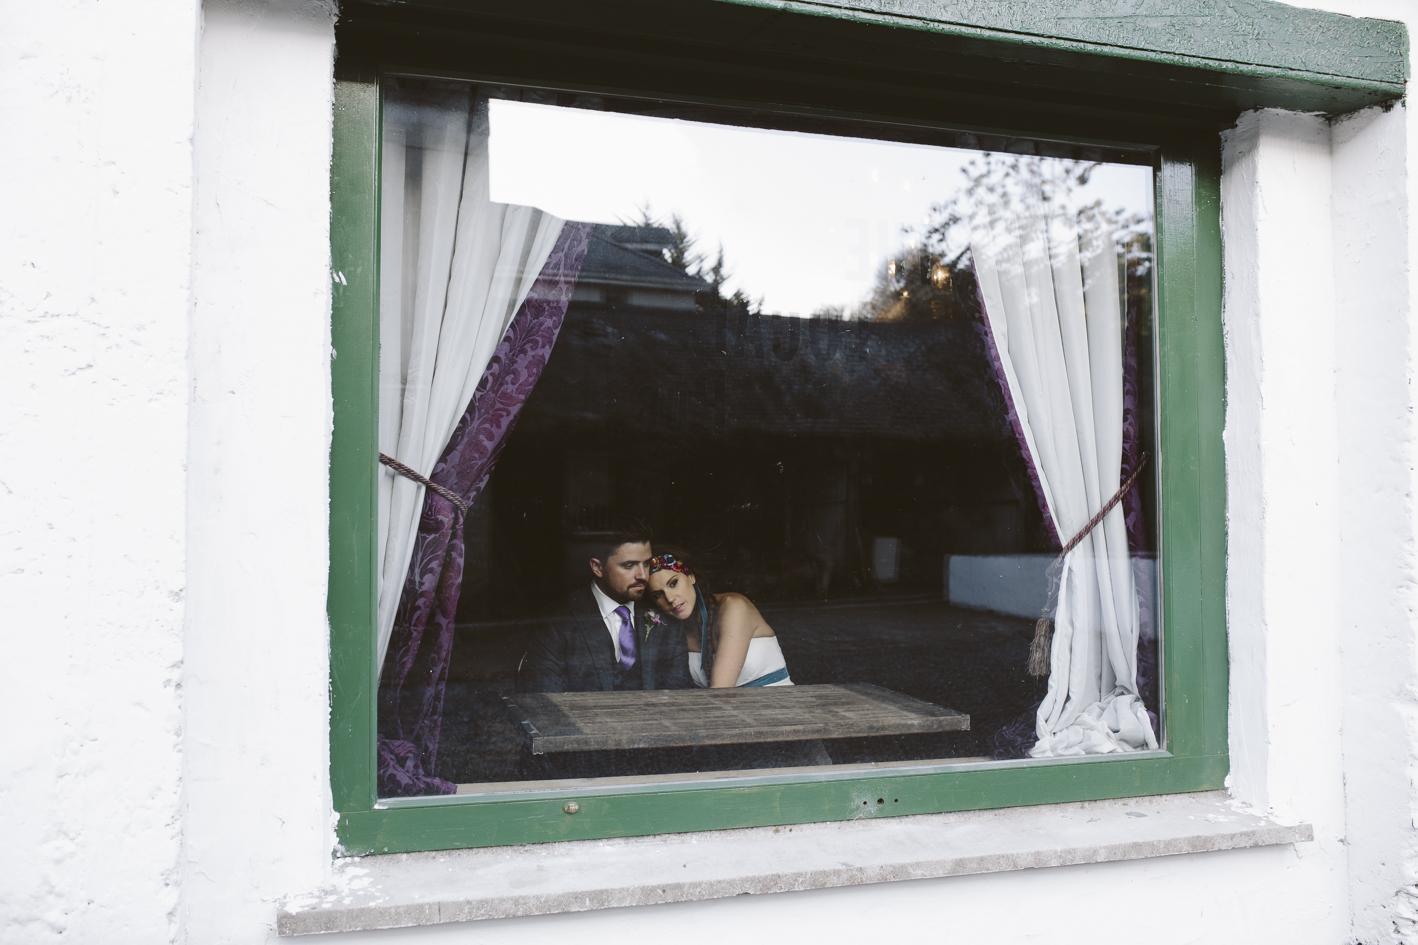 Wedding photographer Ireland Graciela Vilagudin 856.jpg